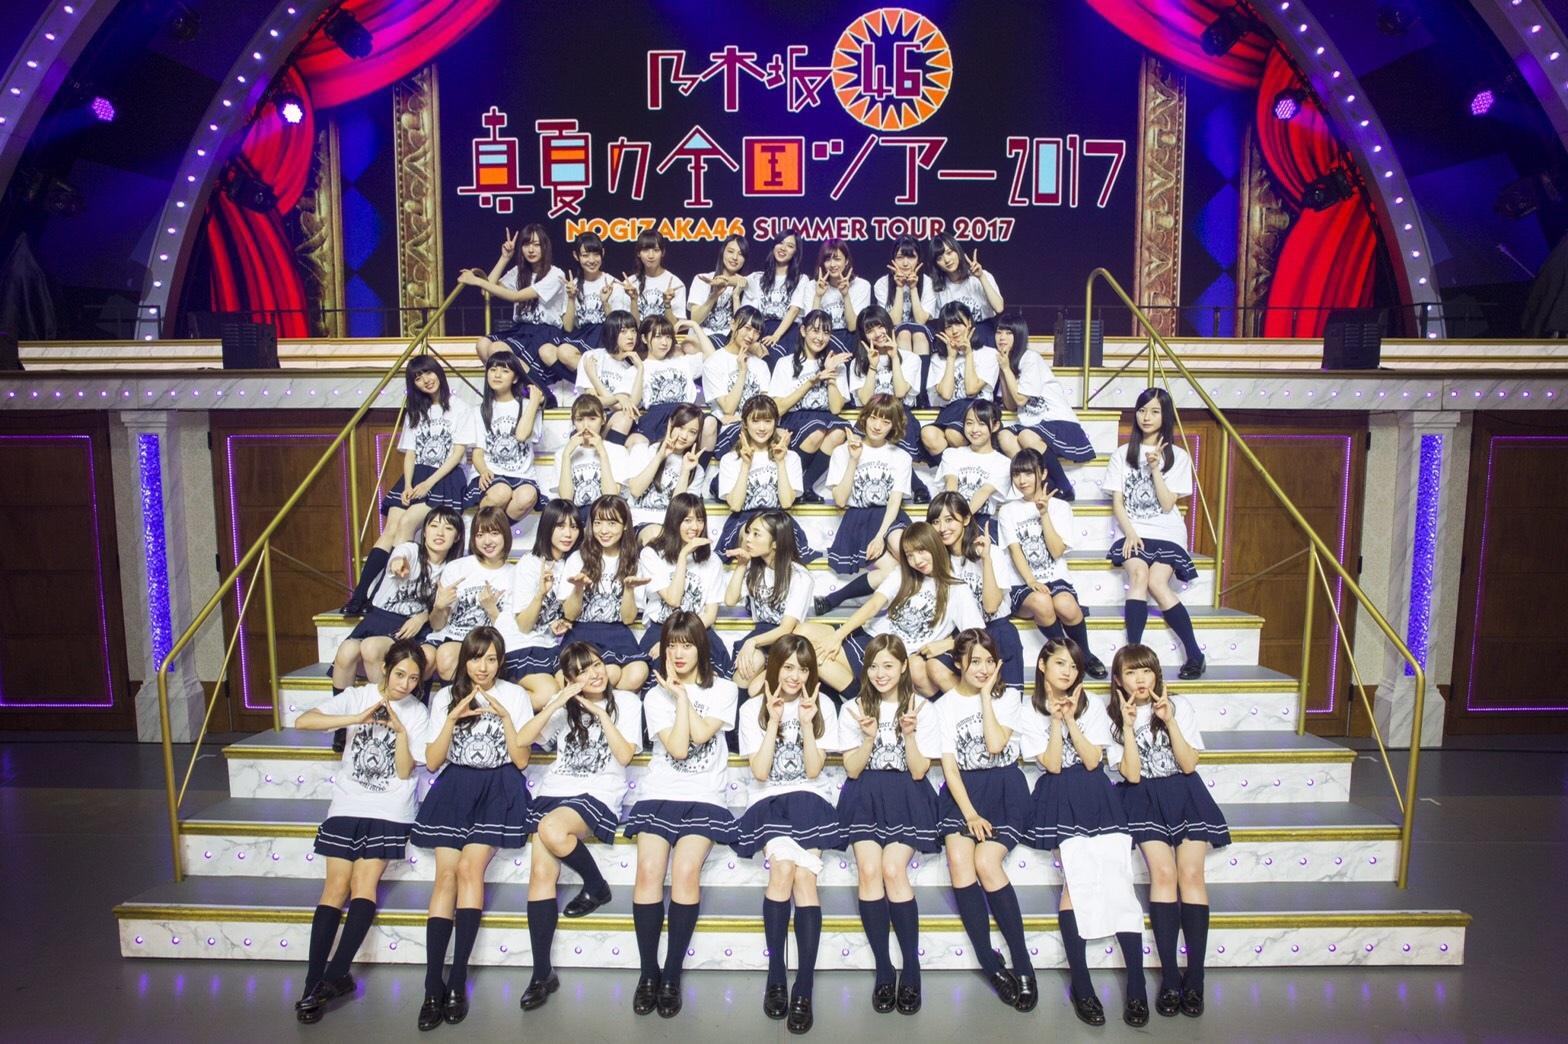 乃木坂46「真夏の全国ツアー2017」集合写真2